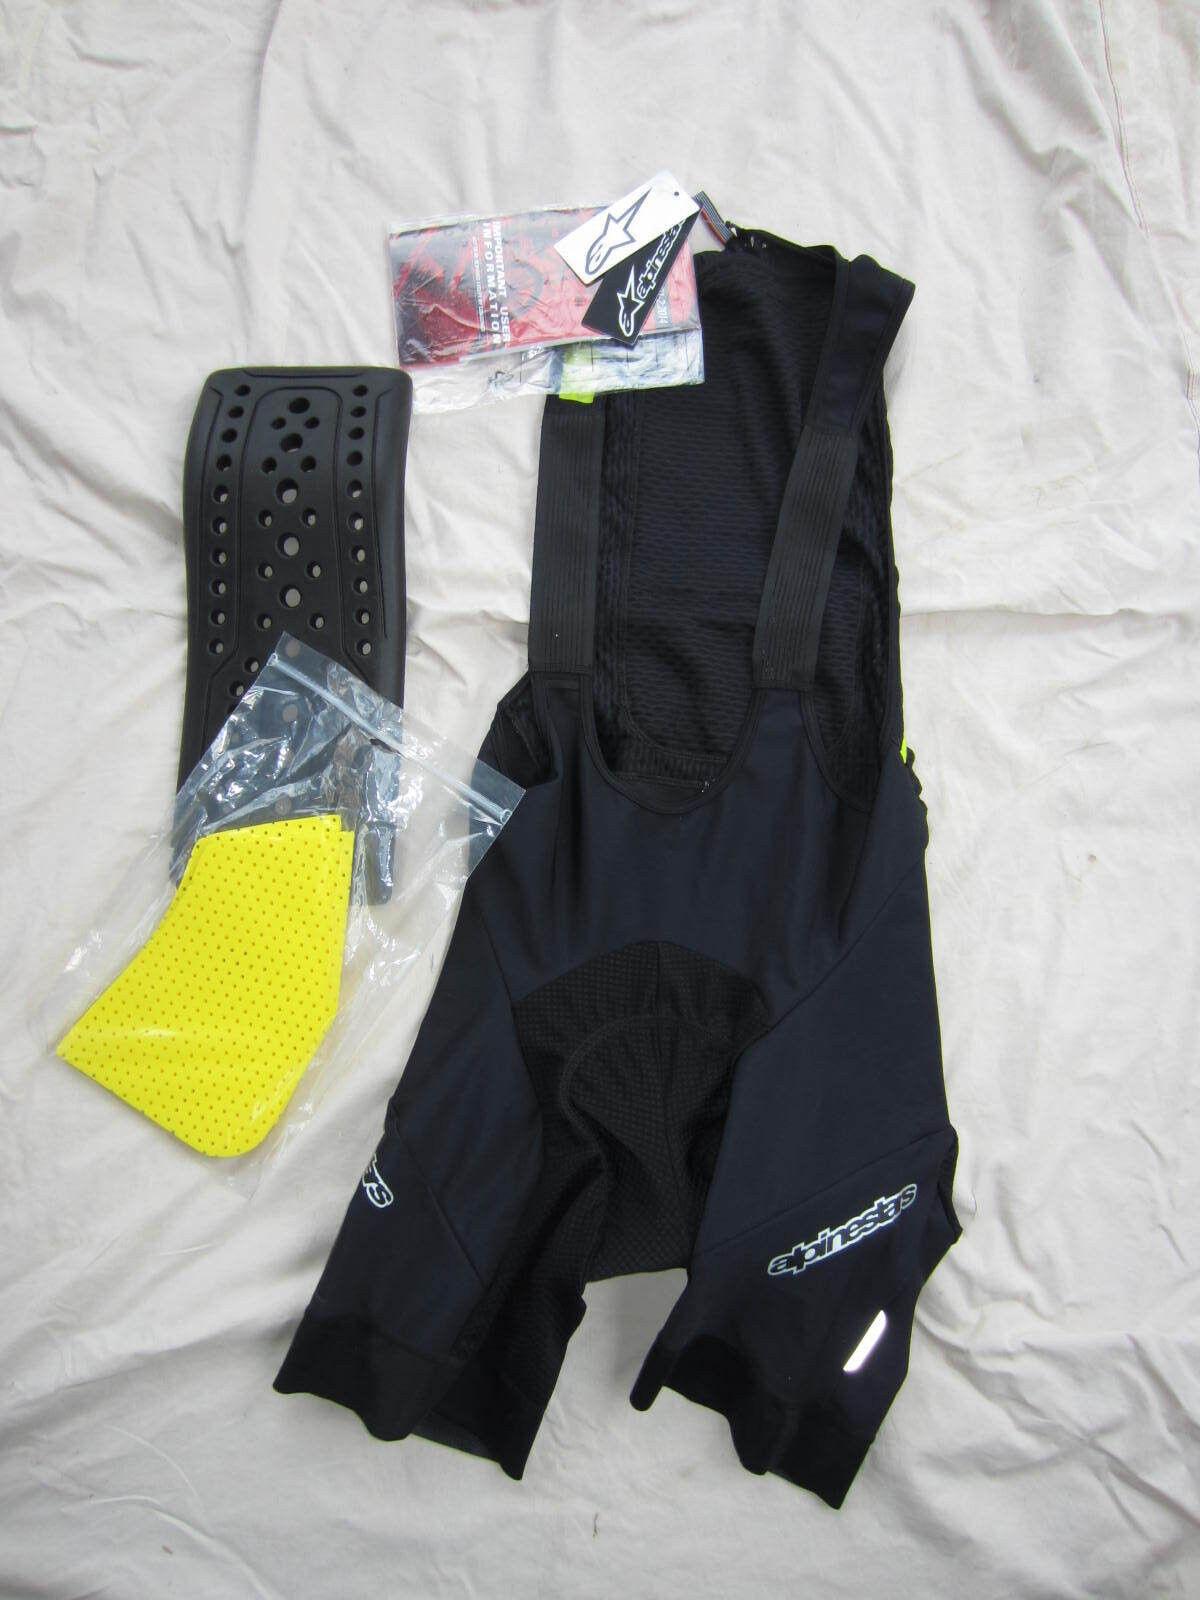 Nuevo-AlpineStars Paragon Projoectora Mono Pantalones Cortos (Select Tamaño)